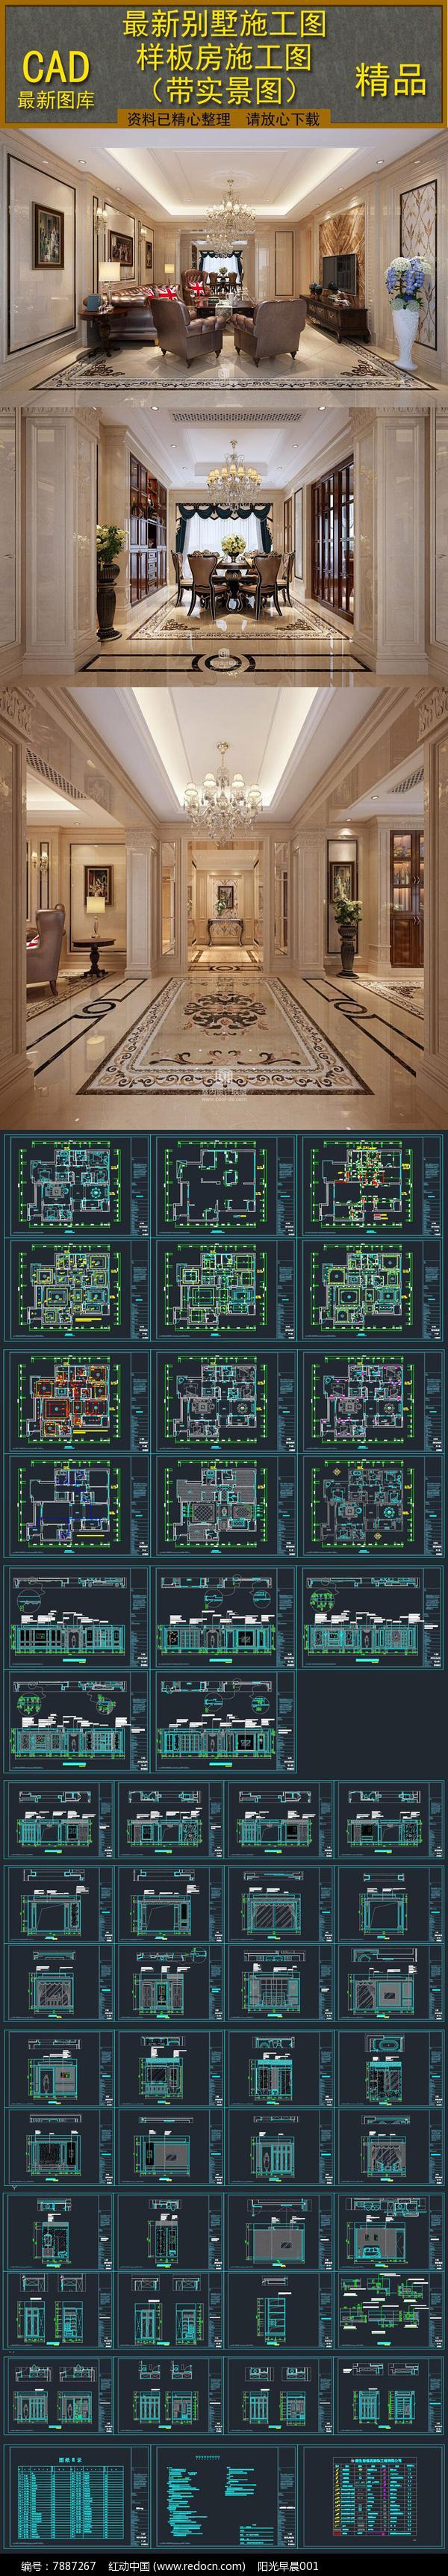 别墅施工图样板房cad图纸含效果图图片